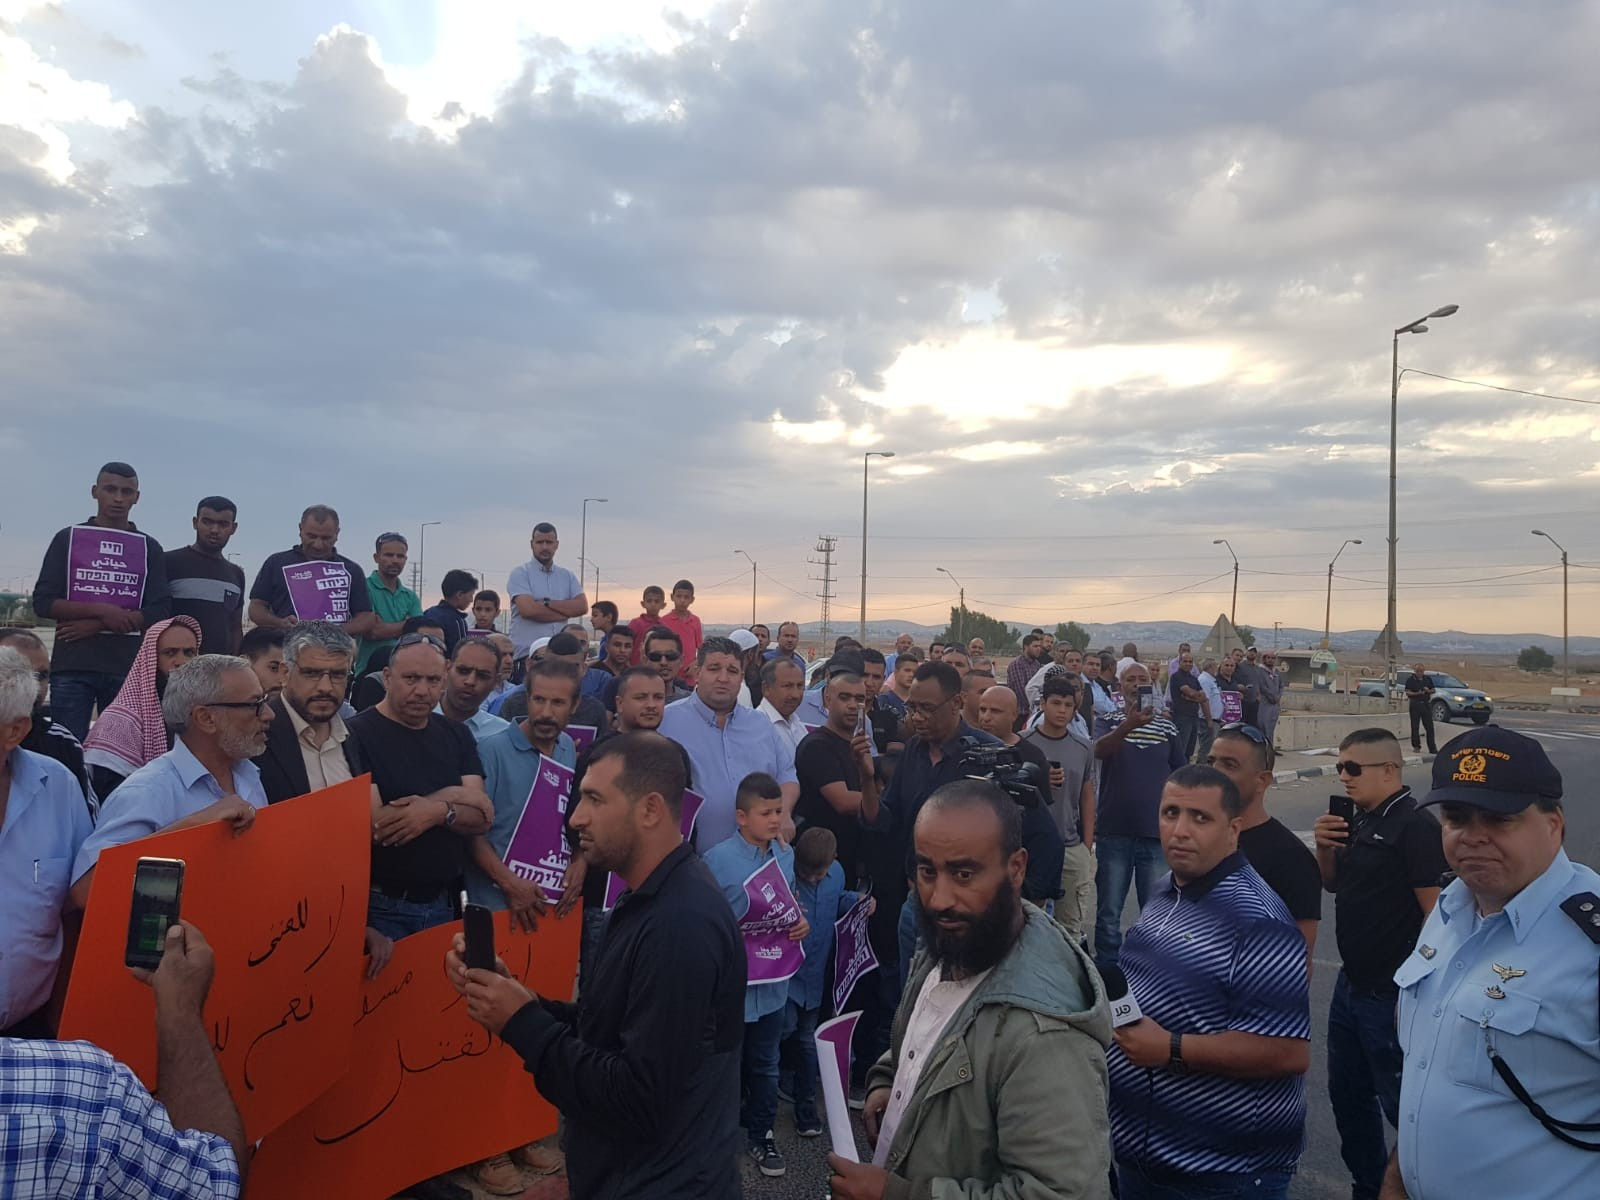 من التظاهرة في النقب (عرب ٤٨)